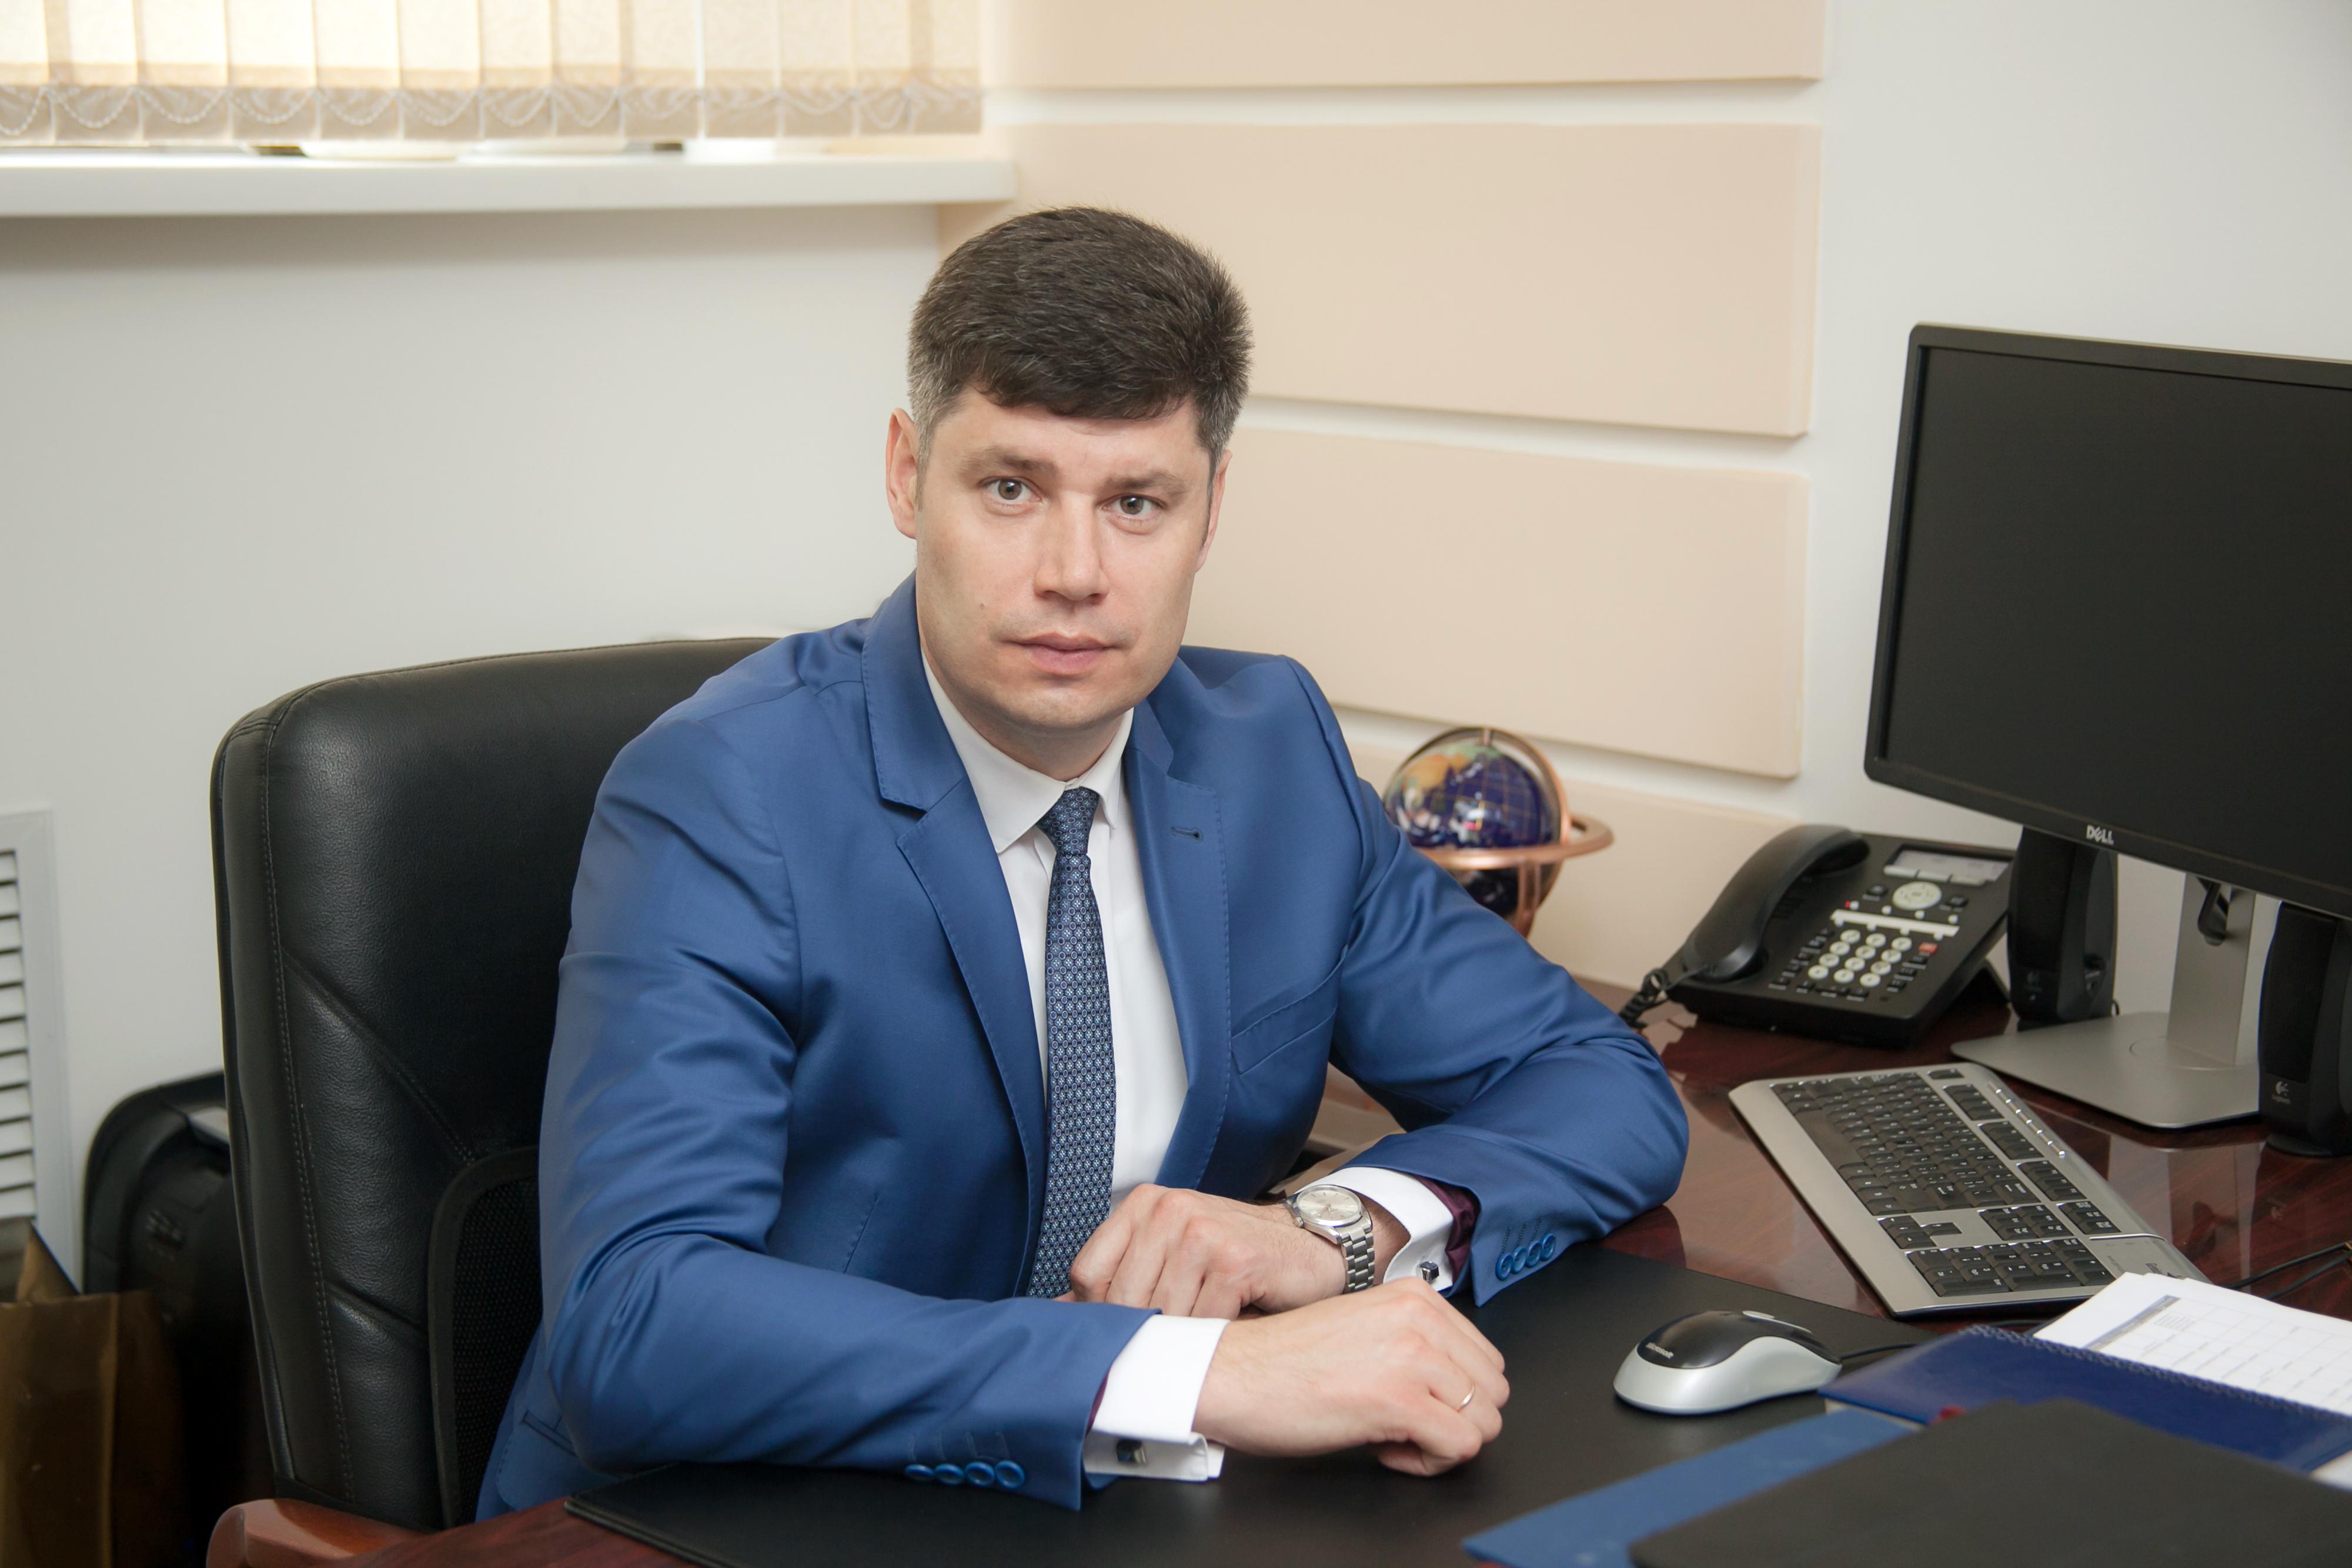 банк кубань кредит краснодар официальный сайт приложение почта банк онлайн для айфона